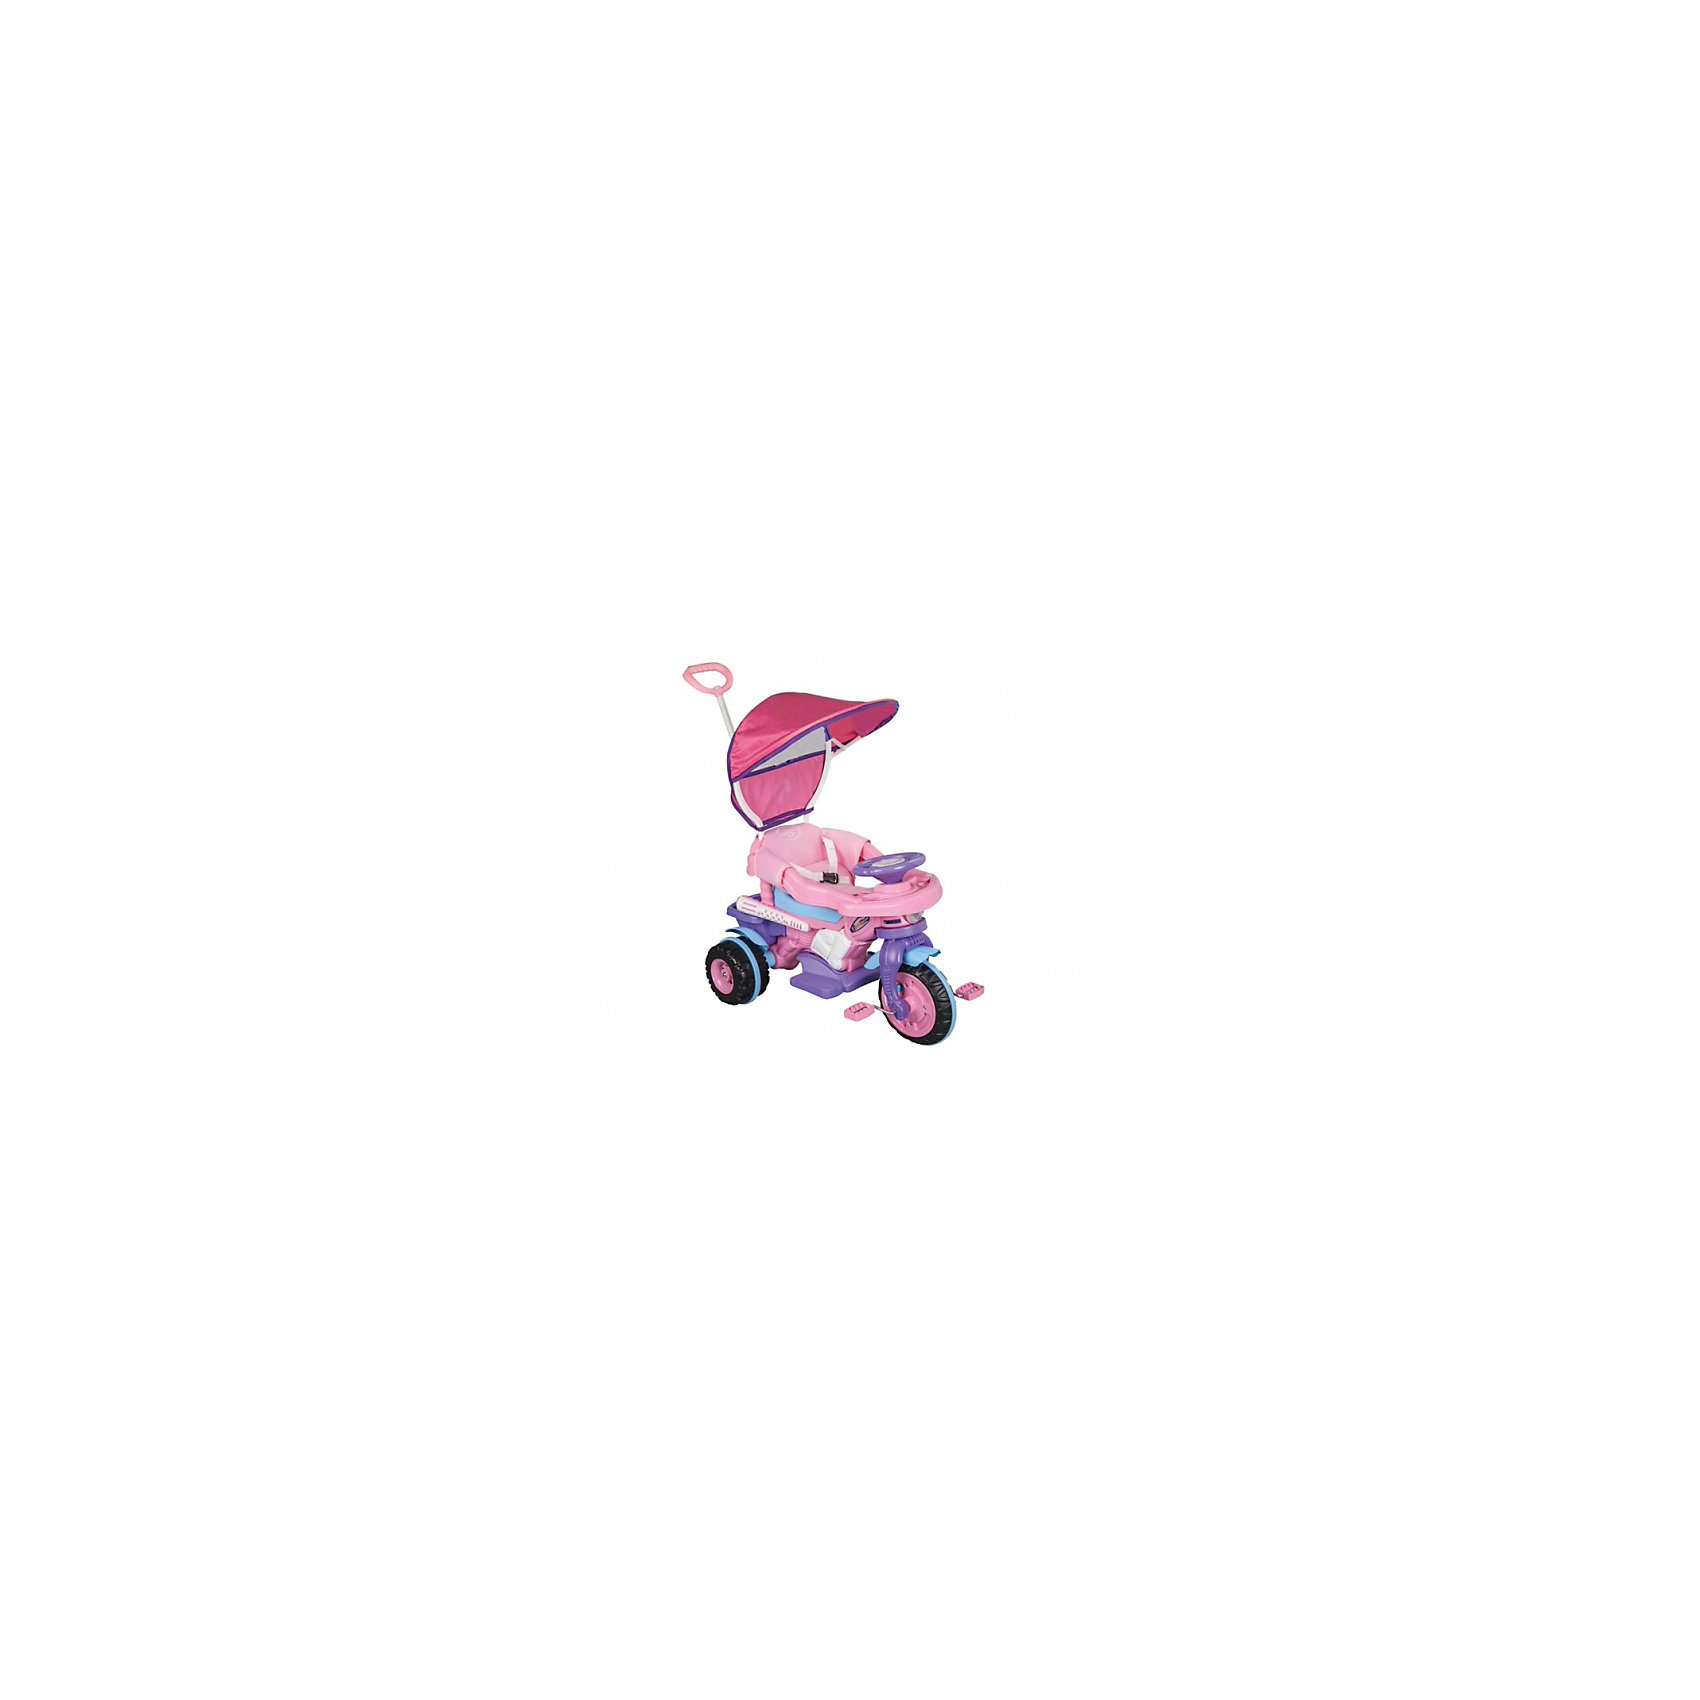 Велосипед MAXI с ручкой управления в коробке, PILSANВелосипеды детские<br>Велосипед MAXI с ручкой управления в коробке, PILSAN (Пилсан)<br><br>Характеристики:<br><br>• эргономичная форма сиденья<br>• регулируемая родительская ручка управления<br>• устойчивые колеса<br>• съемные ограничители<br>• система блокировки педалей<br>• мягкий чехол<br>• музыкальная панель<br>• подставка для ног<br>• защита от солнца<br>• максимальная нагрузка: 50 кг<br>• материал: пластик<br>• размер упаковки: 55х81х51 см<br>• вес: 7 кг<br><br>Велосипед MAXI удобно брать с собой даже на прогулку! Малыш сможет комфортно расположиться в удобном сидении со съемными ограничителями по краям. Сиденье имеет съемный мягкий чехол. Съемный тент защитит ребенка от воздействия прямых солнечных лучей. Велосипед оснащен подставкой для ног, регулируемой родительской ручкой и защитой от брызг. Музыкальная панель добавит еще больше радости во время поездки! Способствует развитию опорно-двигательного аппарата. Велосипед изготовлен из высококачественного прочного пластика. Максимальная нагрузка - 50 кг.<br><br>Велосипед MAXI с ручкой управления в коробке, PILSAN (Пилсан) вы можете купить в нашем интернет-магазине.<br><br>Ширина мм: 510<br>Глубина мм: 810<br>Высота мм: 550<br>Вес г: 7000<br>Возраст от месяцев: 36<br>Возраст до месяцев: 84<br>Пол: Унисекс<br>Возраст: Детский<br>SKU: 5512057